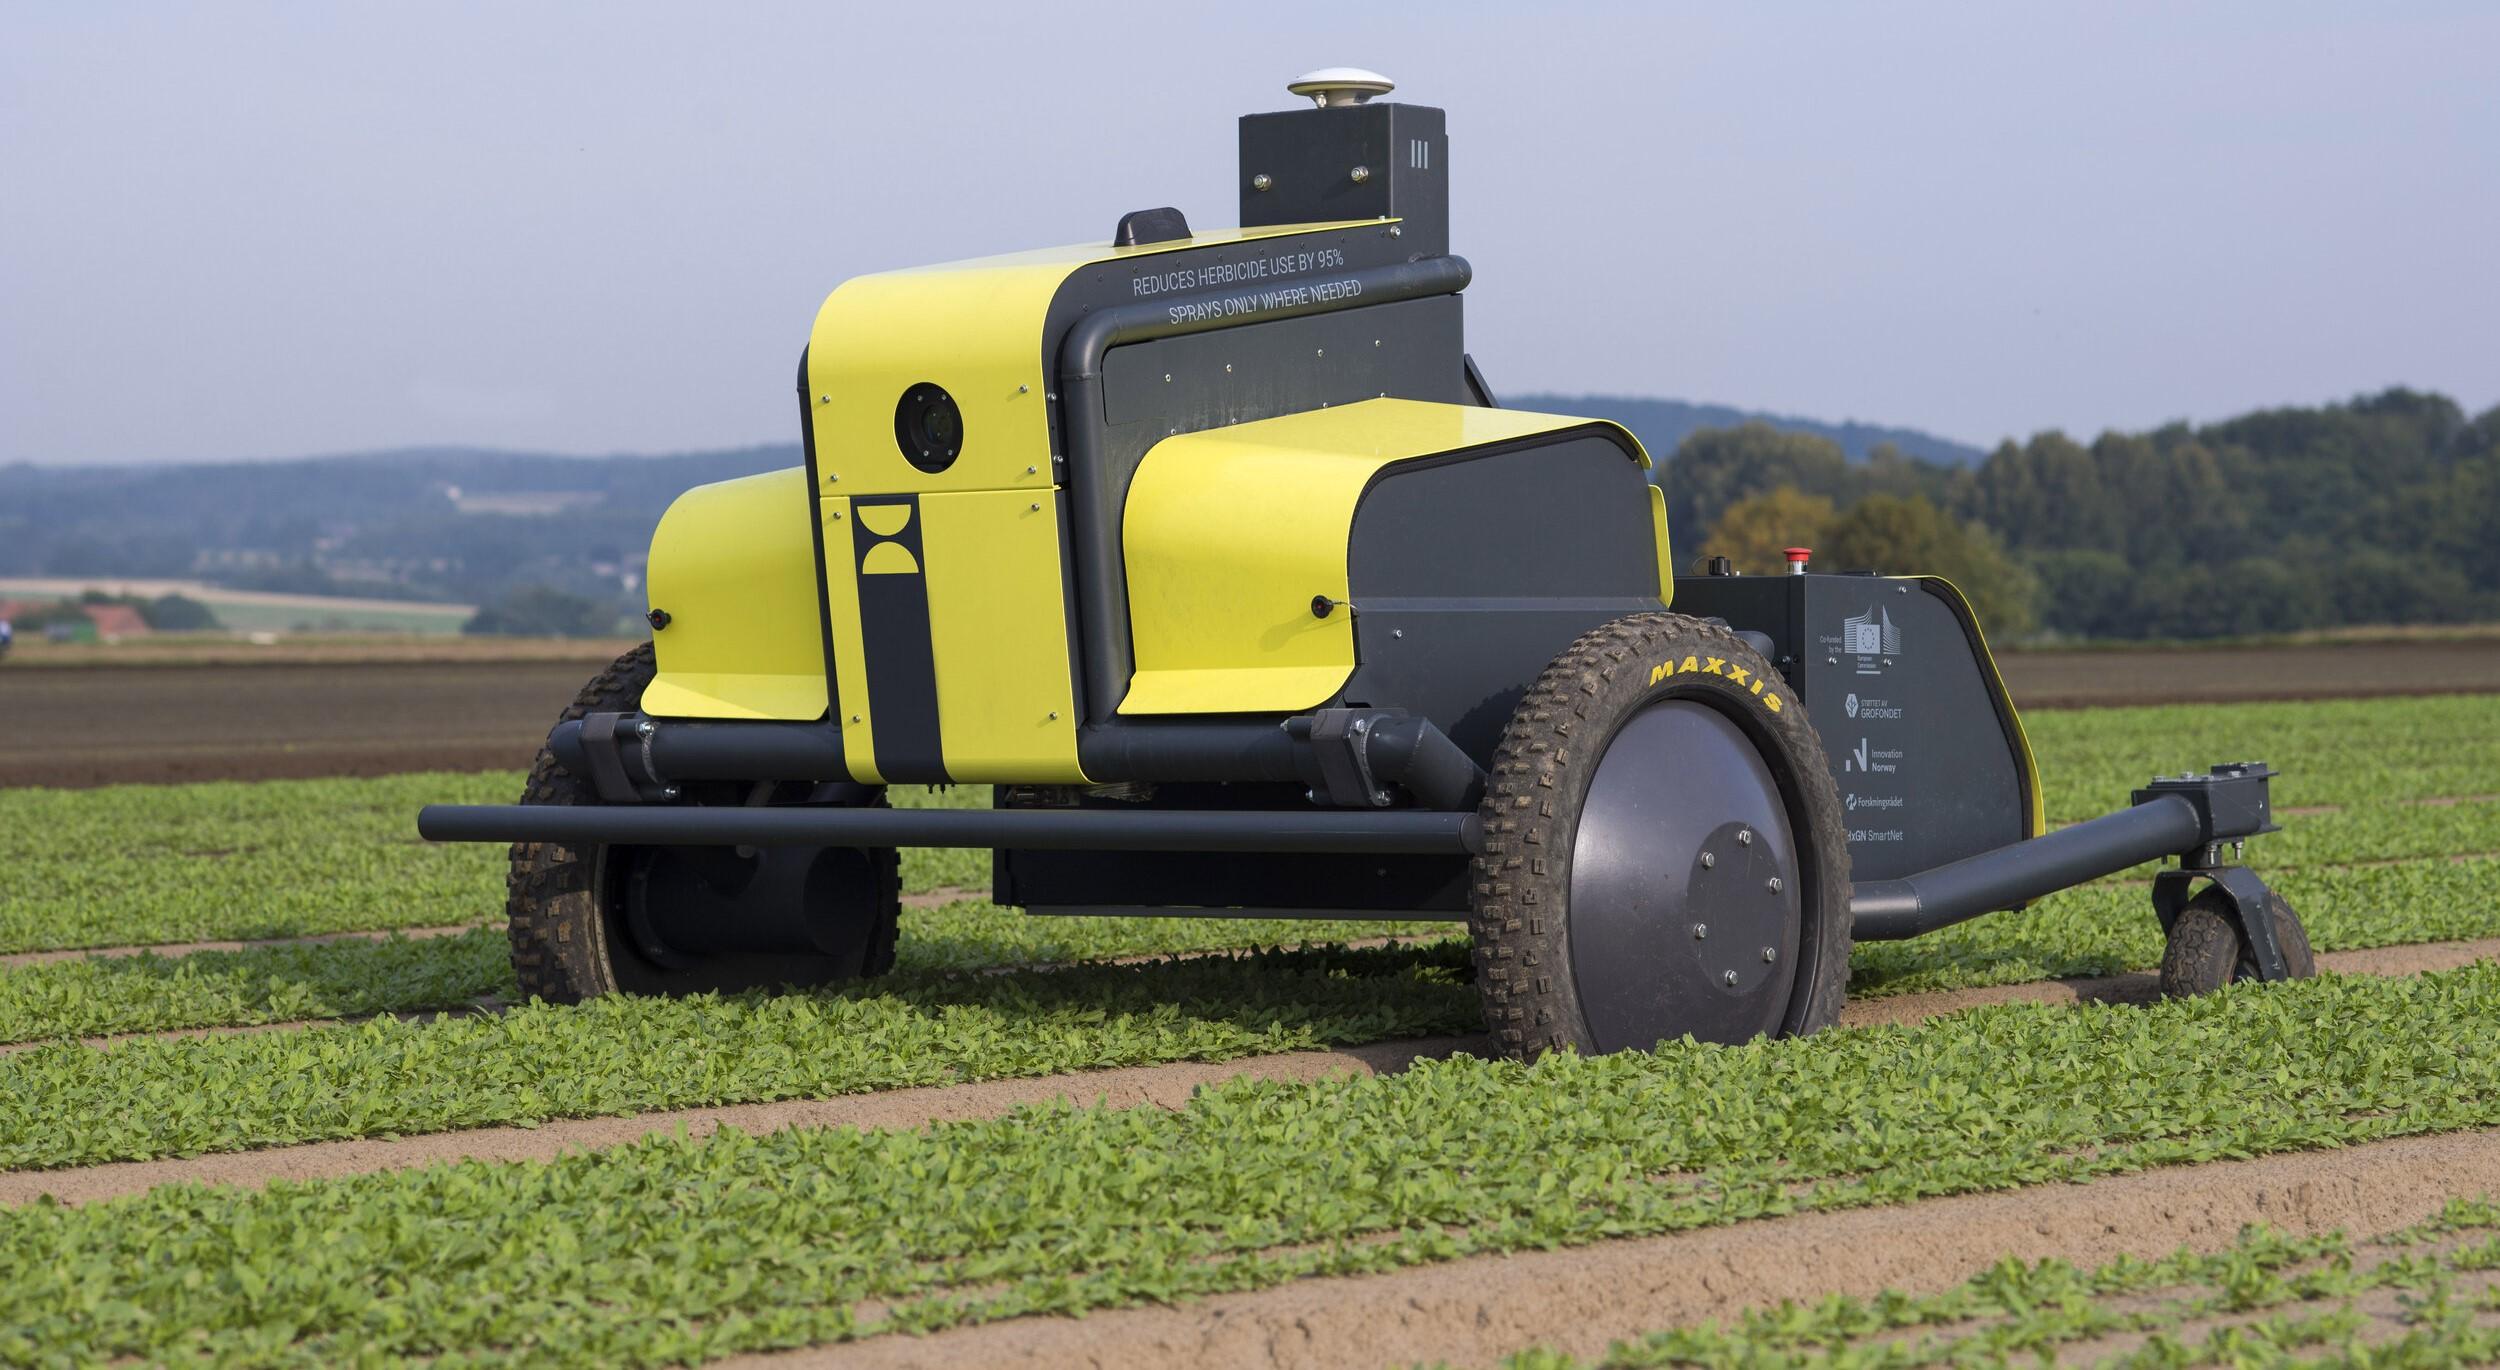 Landbruksroboten AX1 fra Kilter reduserer bruken av sprøytemidler med opptil 95 prosent. Foto: Kilter